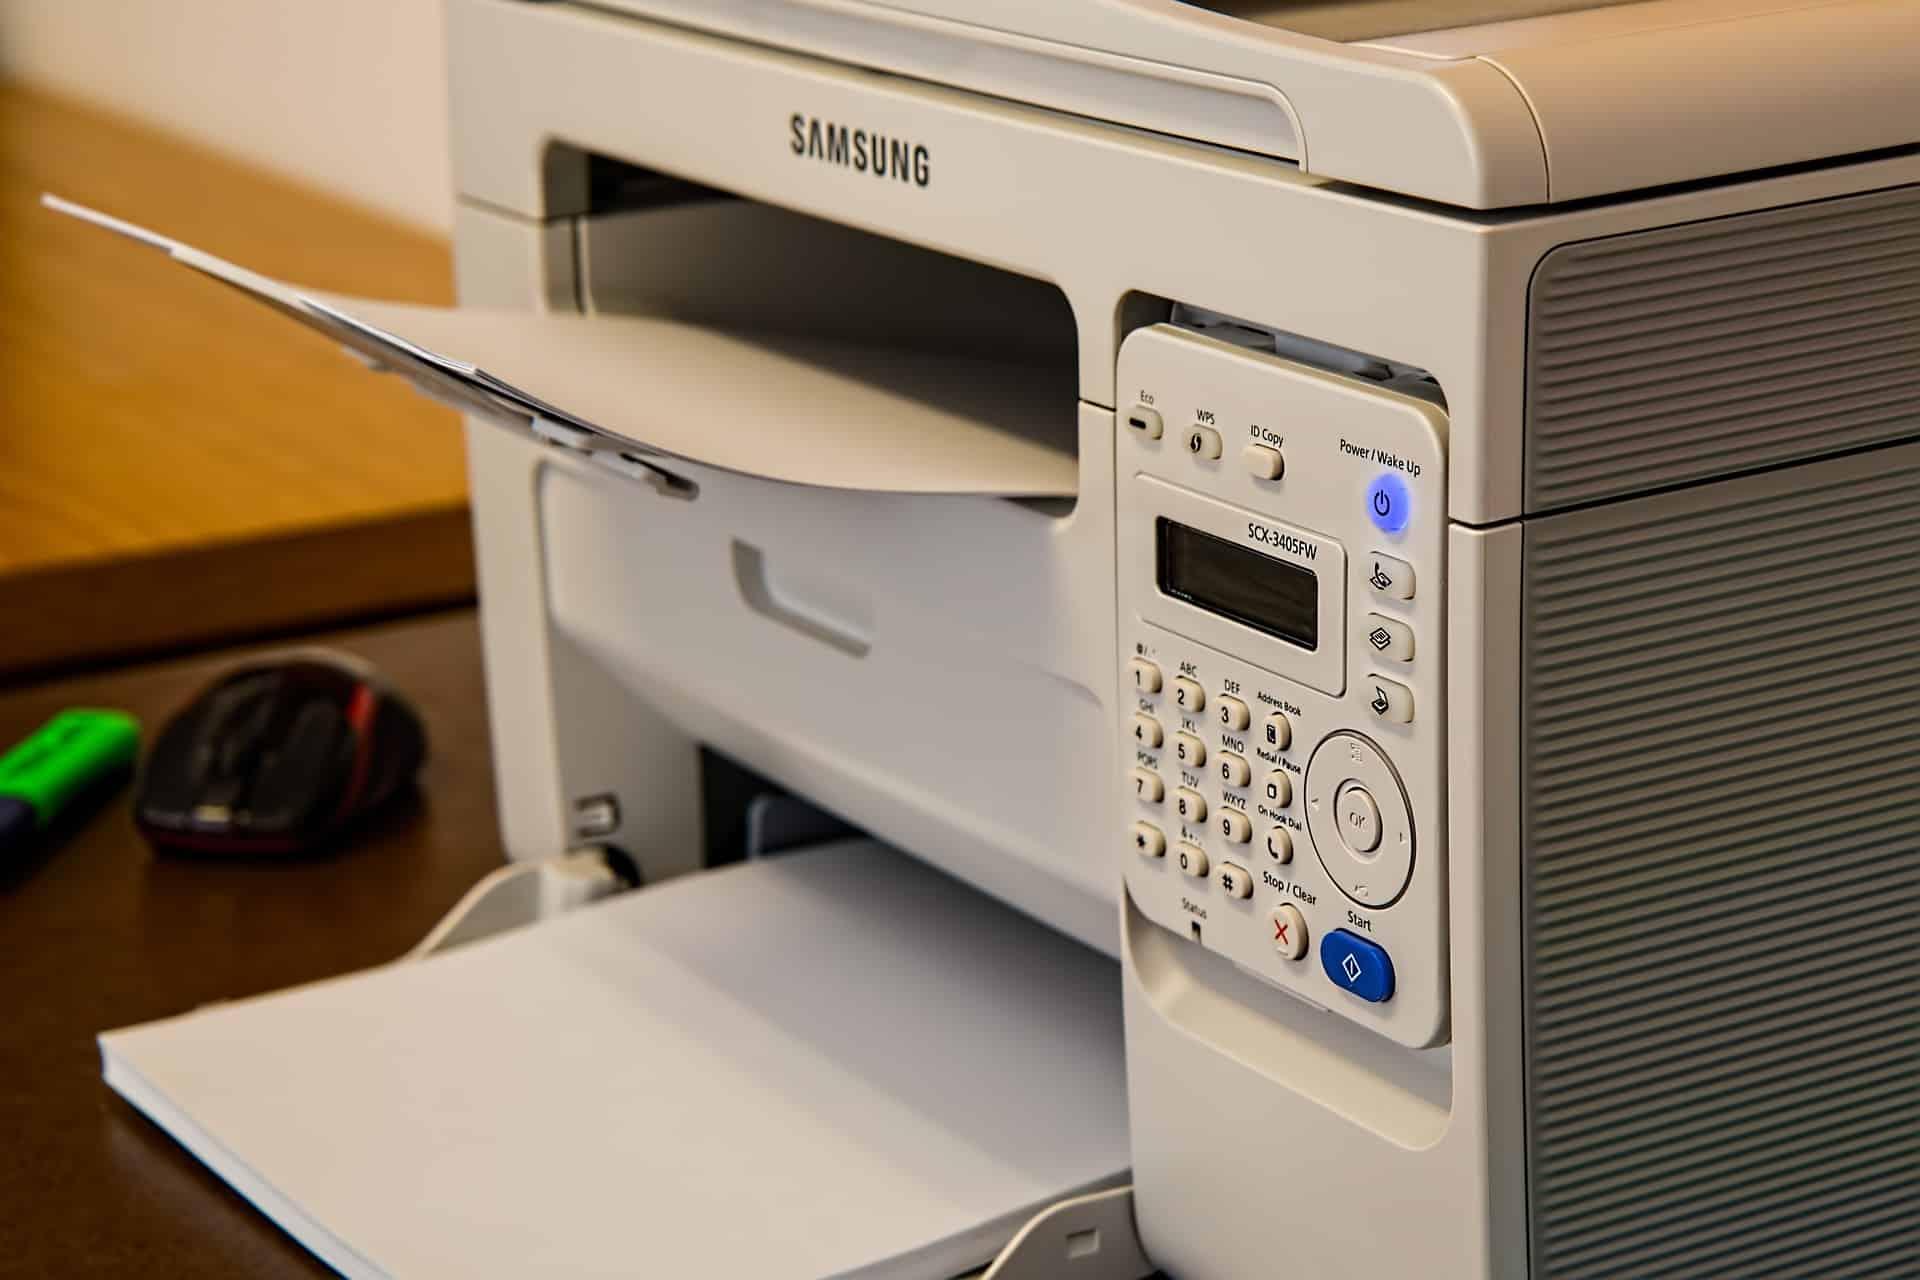 Imagem mostra uma impressora Samsung.